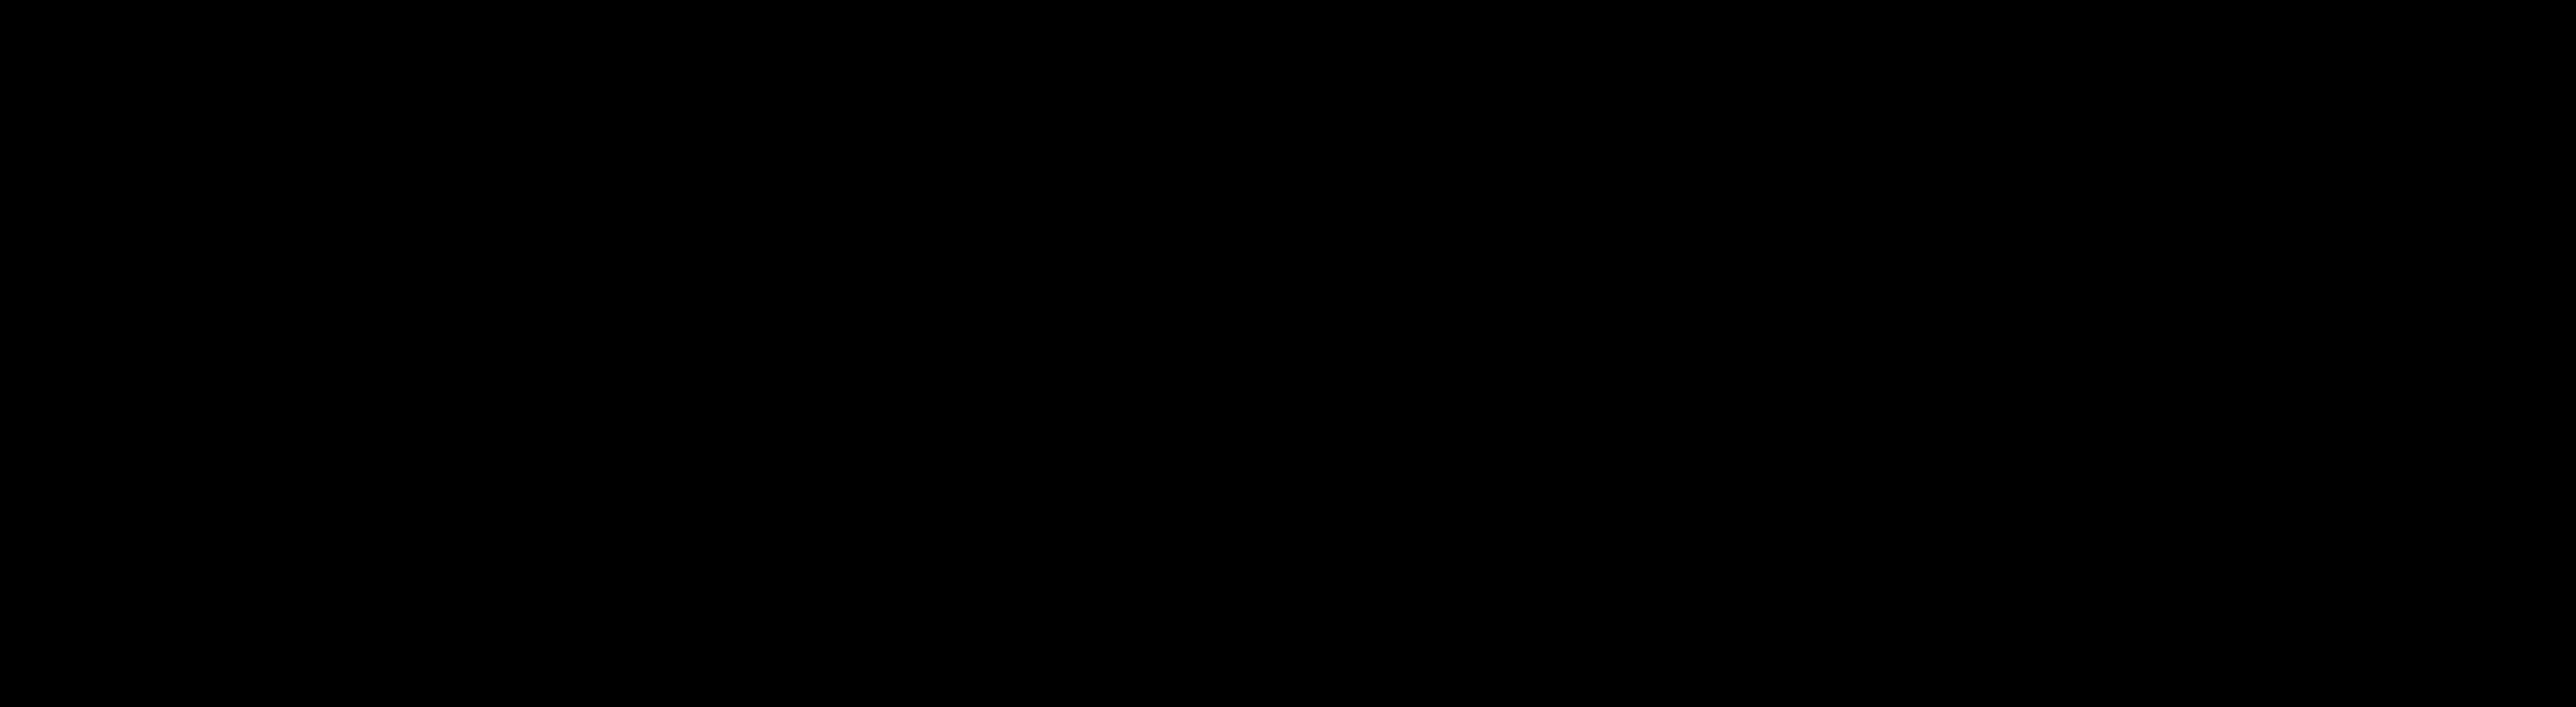 Northumbria Luxury Hotels